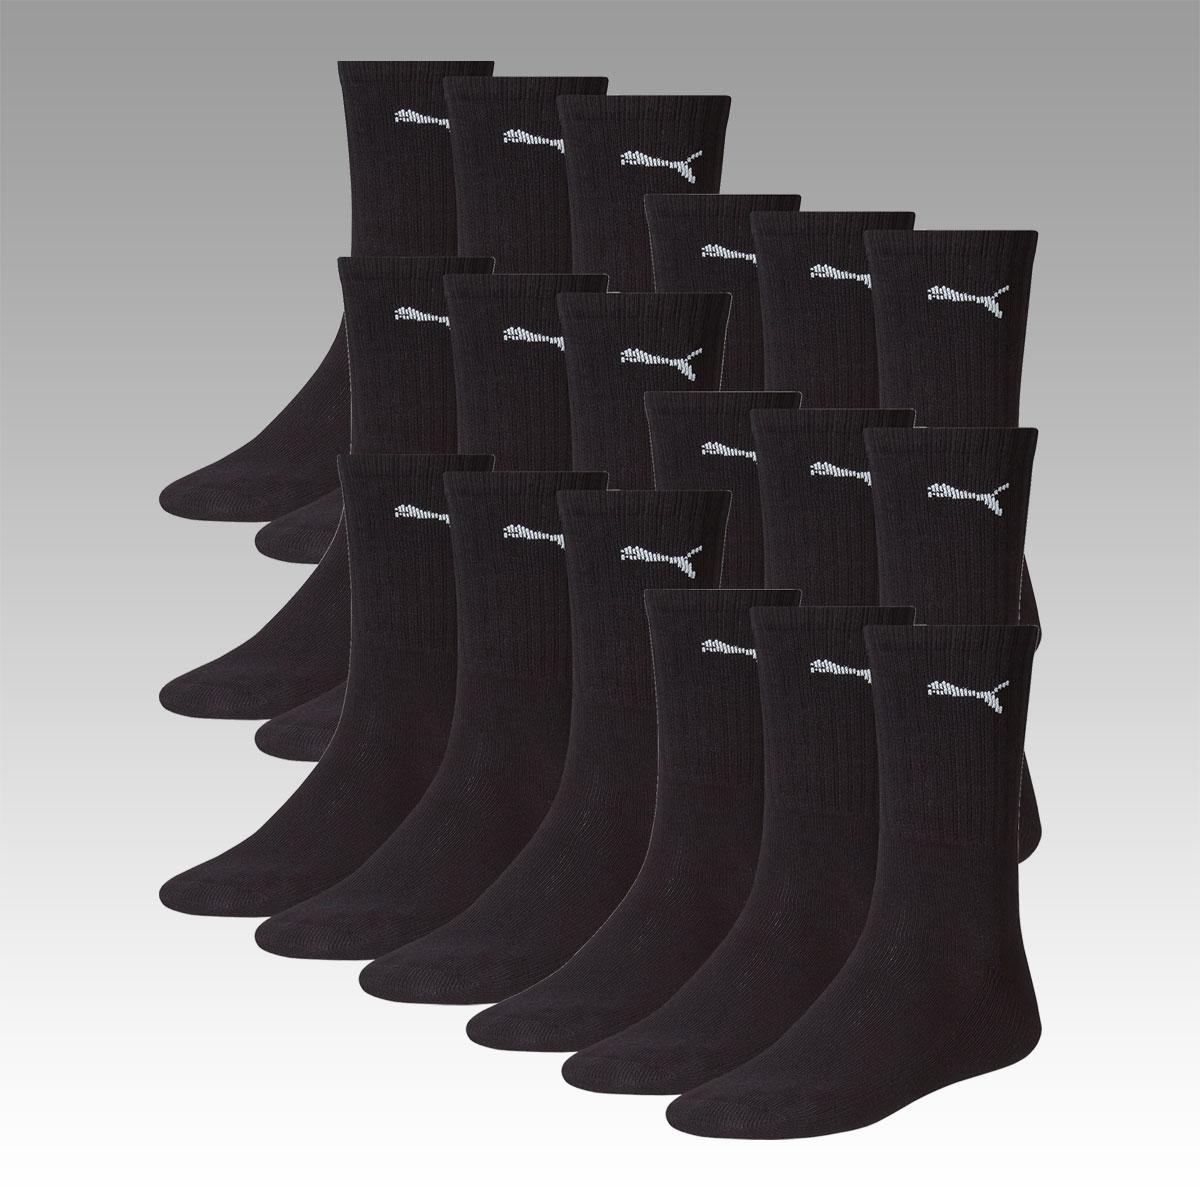 18 Paar Puma Basic Crew Socken für 29,95€ oder 18 Paar HEAD Sport Crew Socken  für 21,95€, versandkostenfrei bei [Allstar] @bf2016